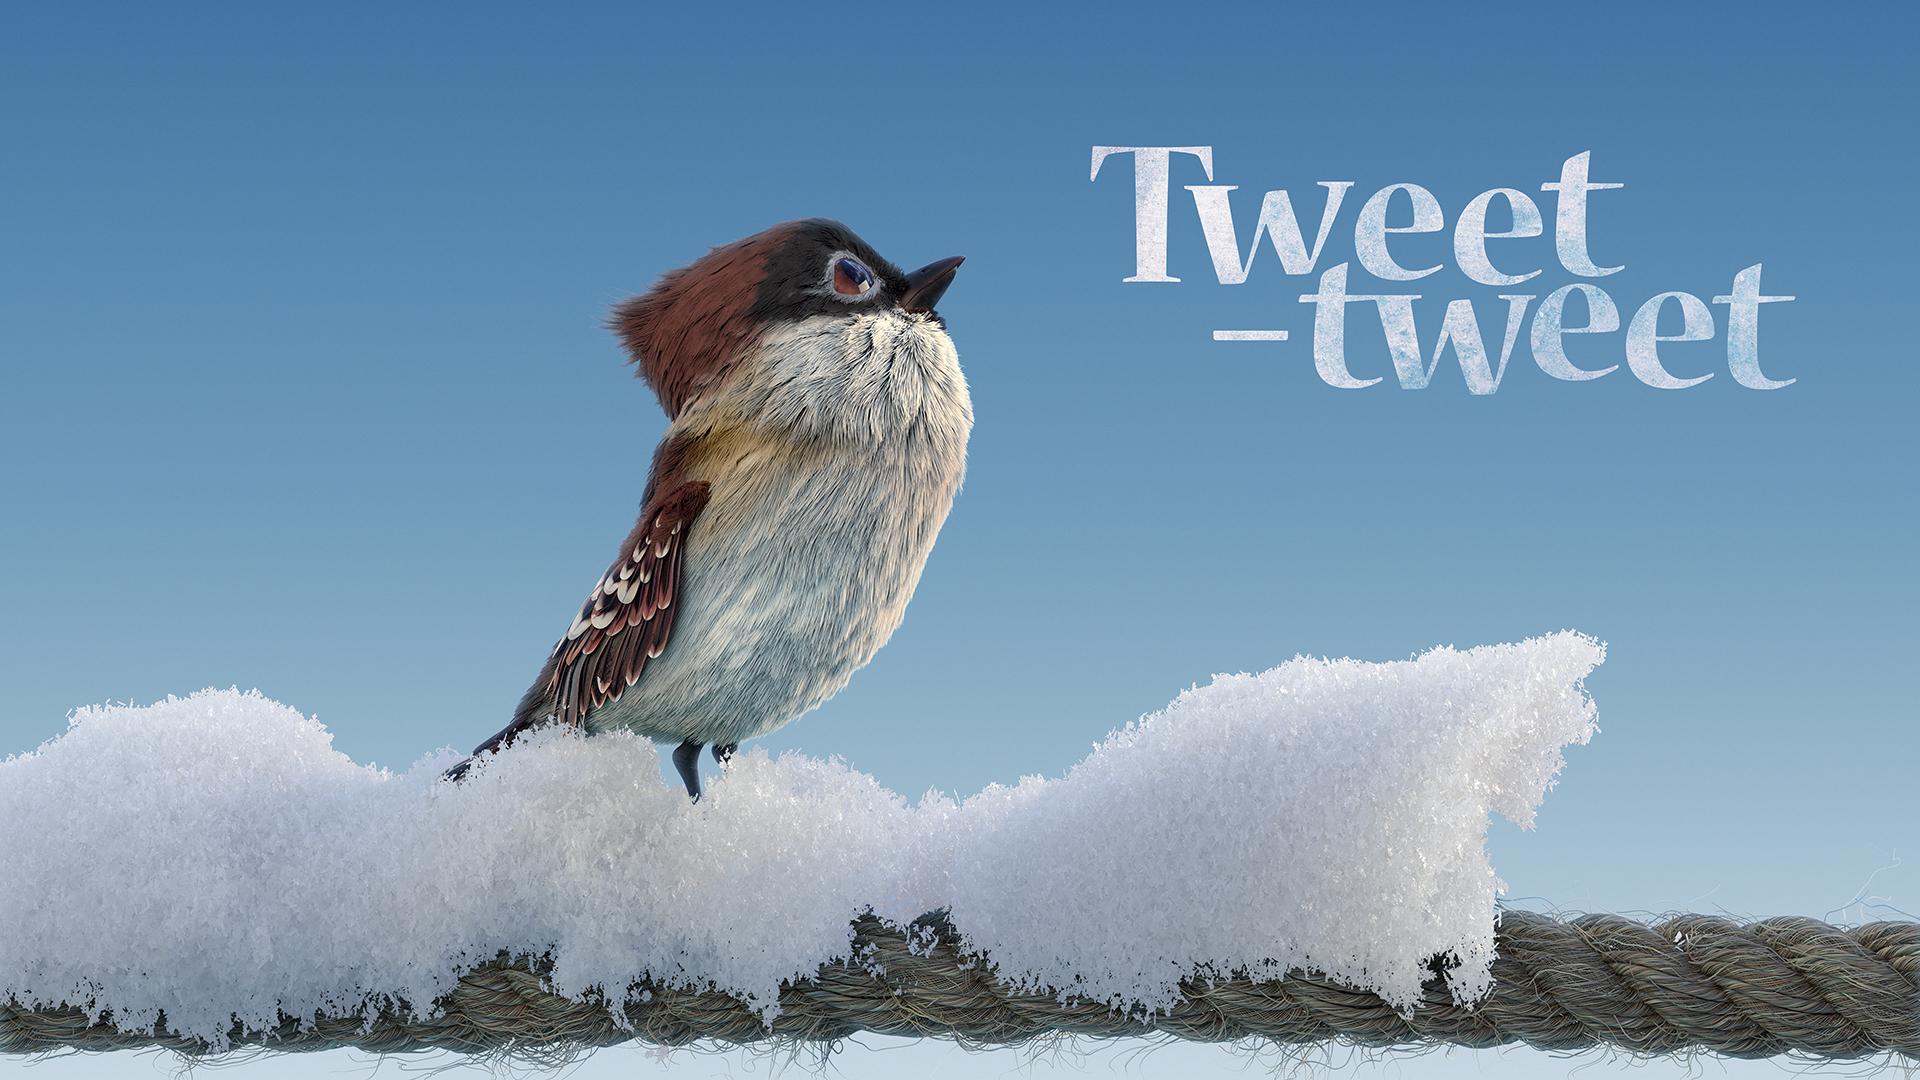 Tweet, Tweet